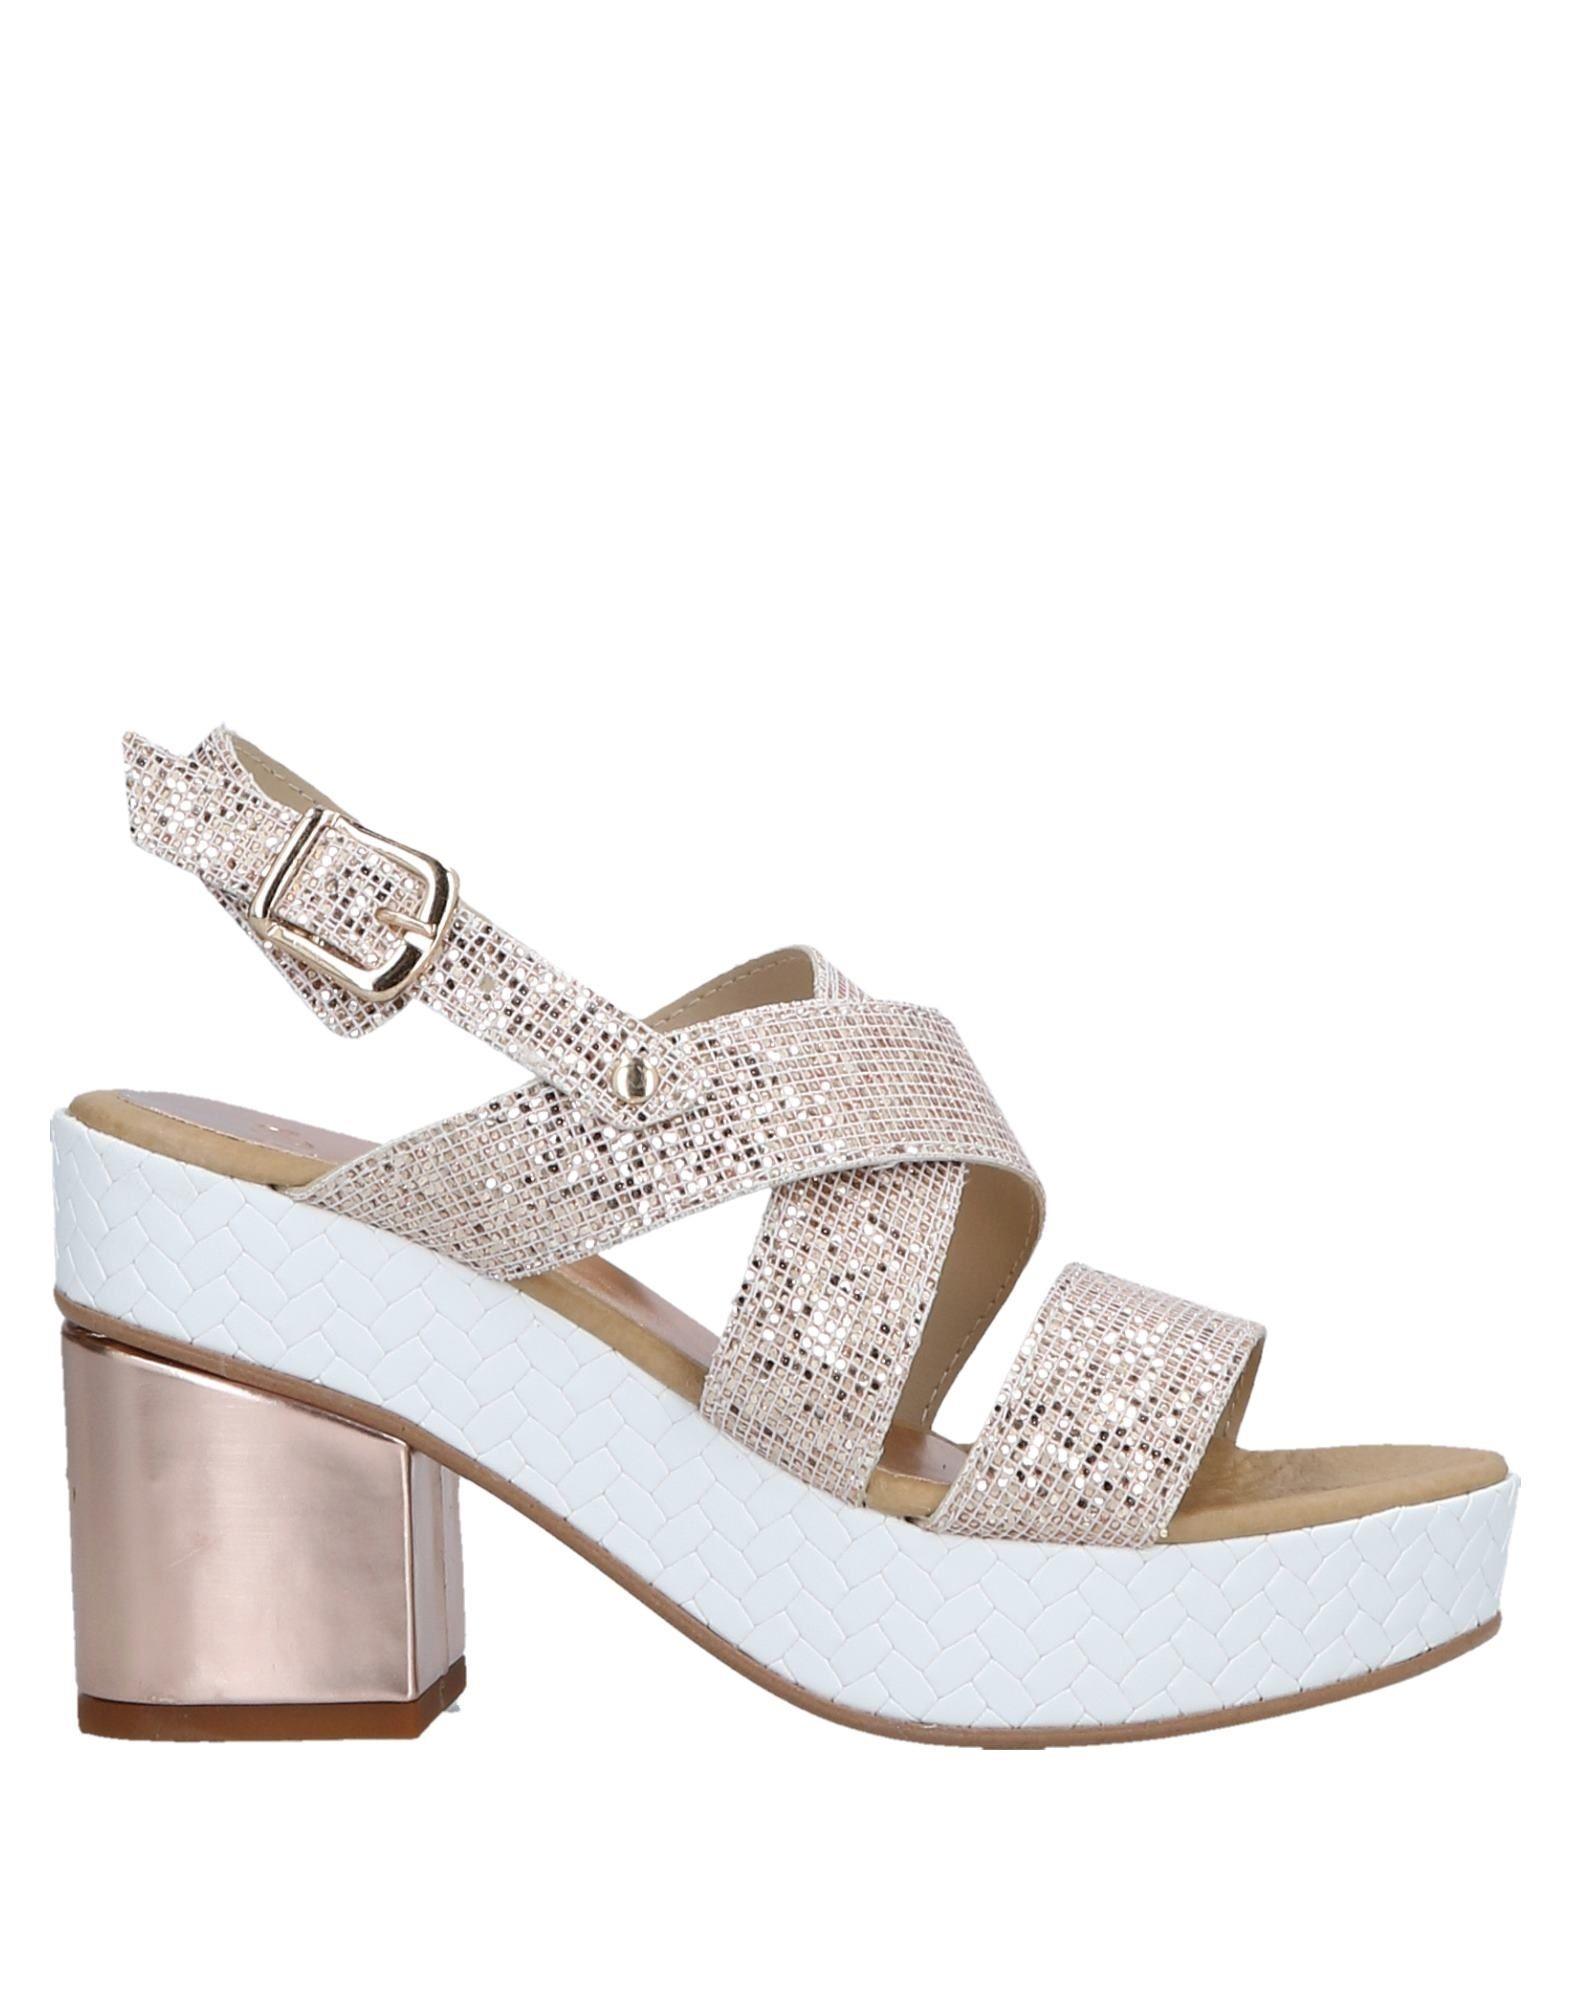 Sara Sandalen Damen  Schuhe 11499747HN Gute Qualität beliebte Schuhe  a422b9